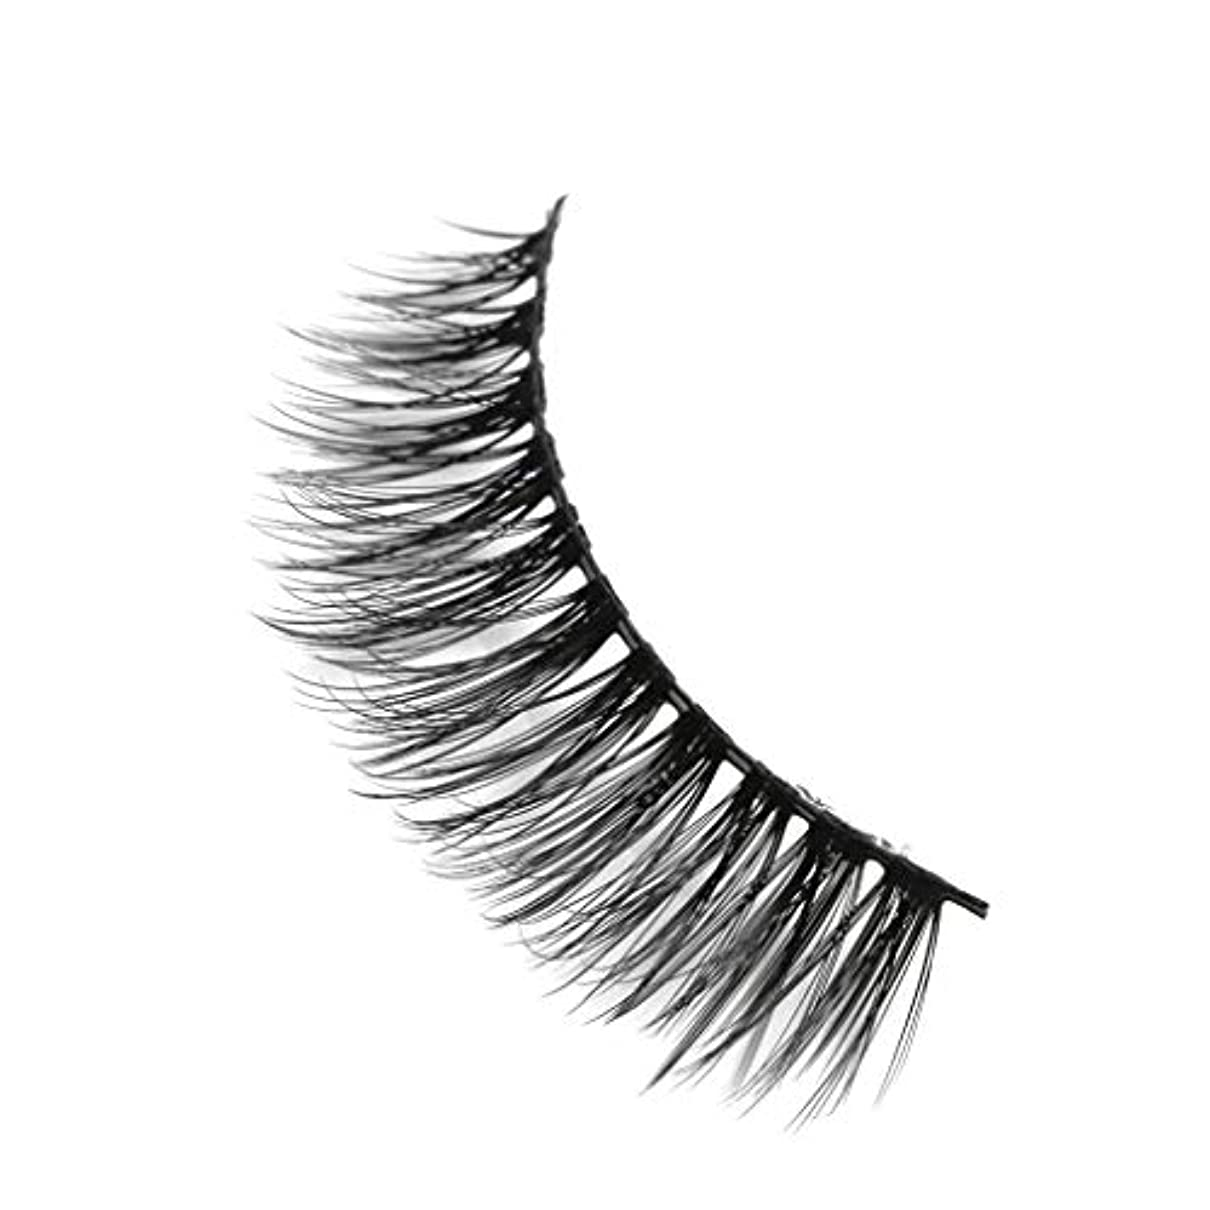 ばかニックネーム倒産柔らかい長い巻き毛と歪んだ多くの層まつげと3Dミンクの毛皮の10ペア